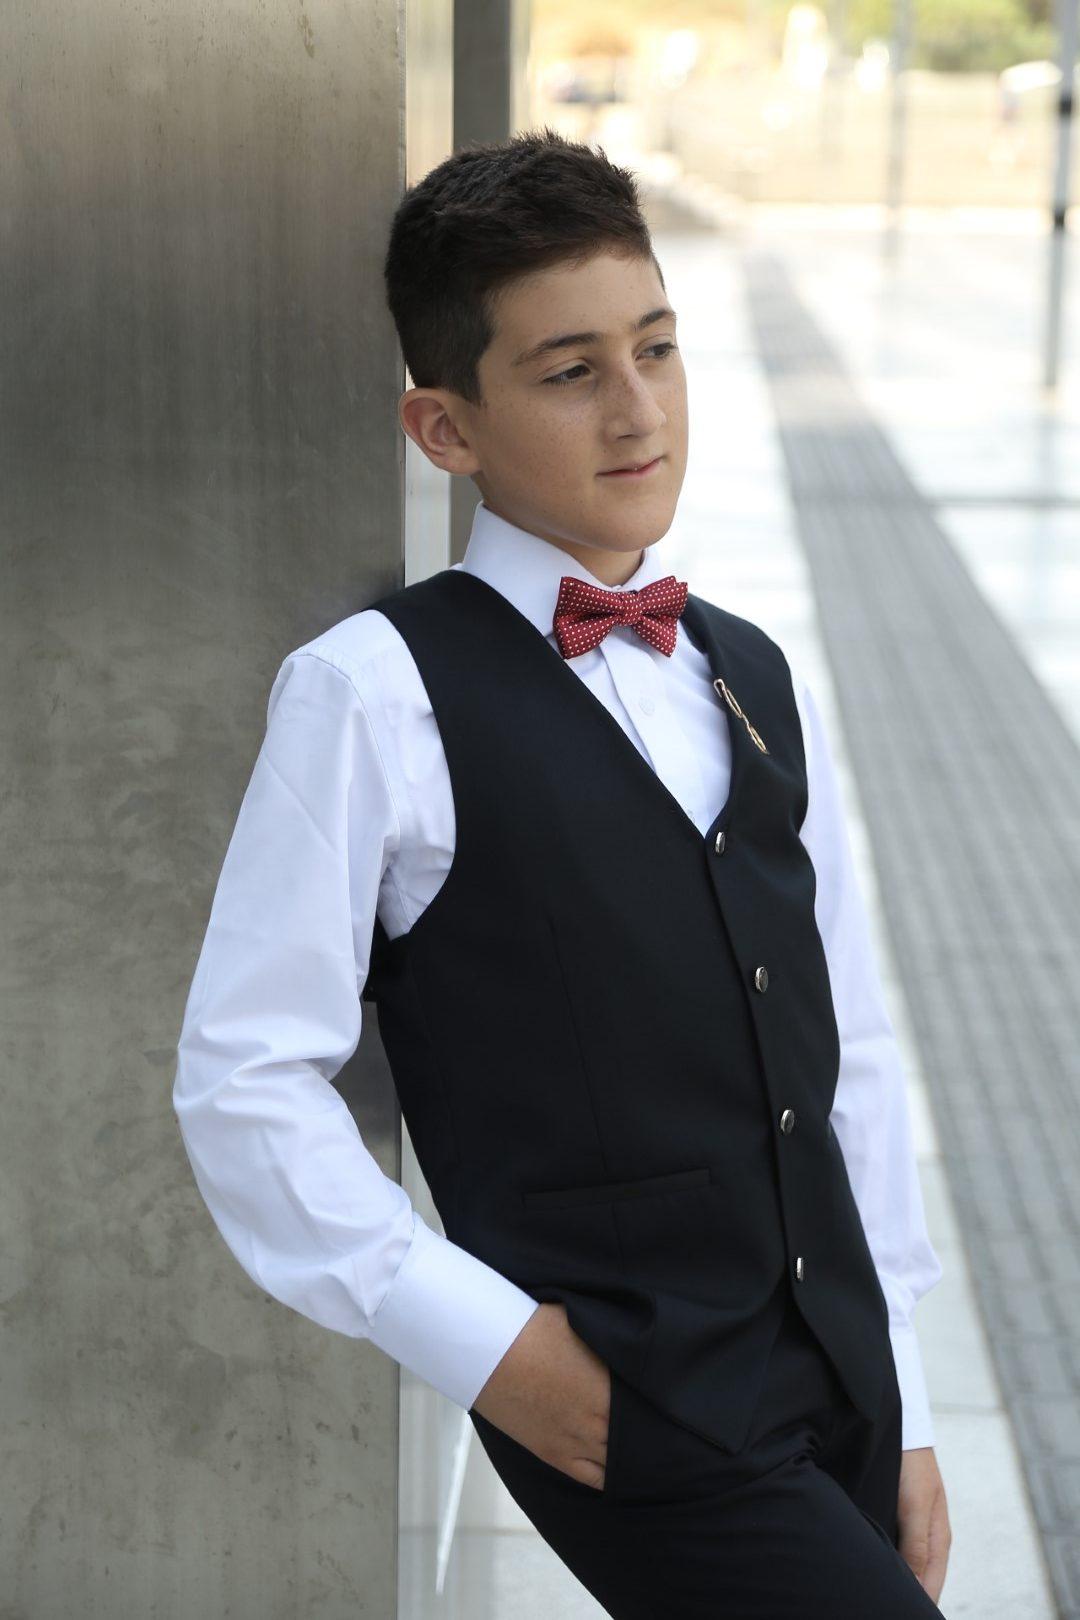 Diplomat-bar-mitzva-suits (6)